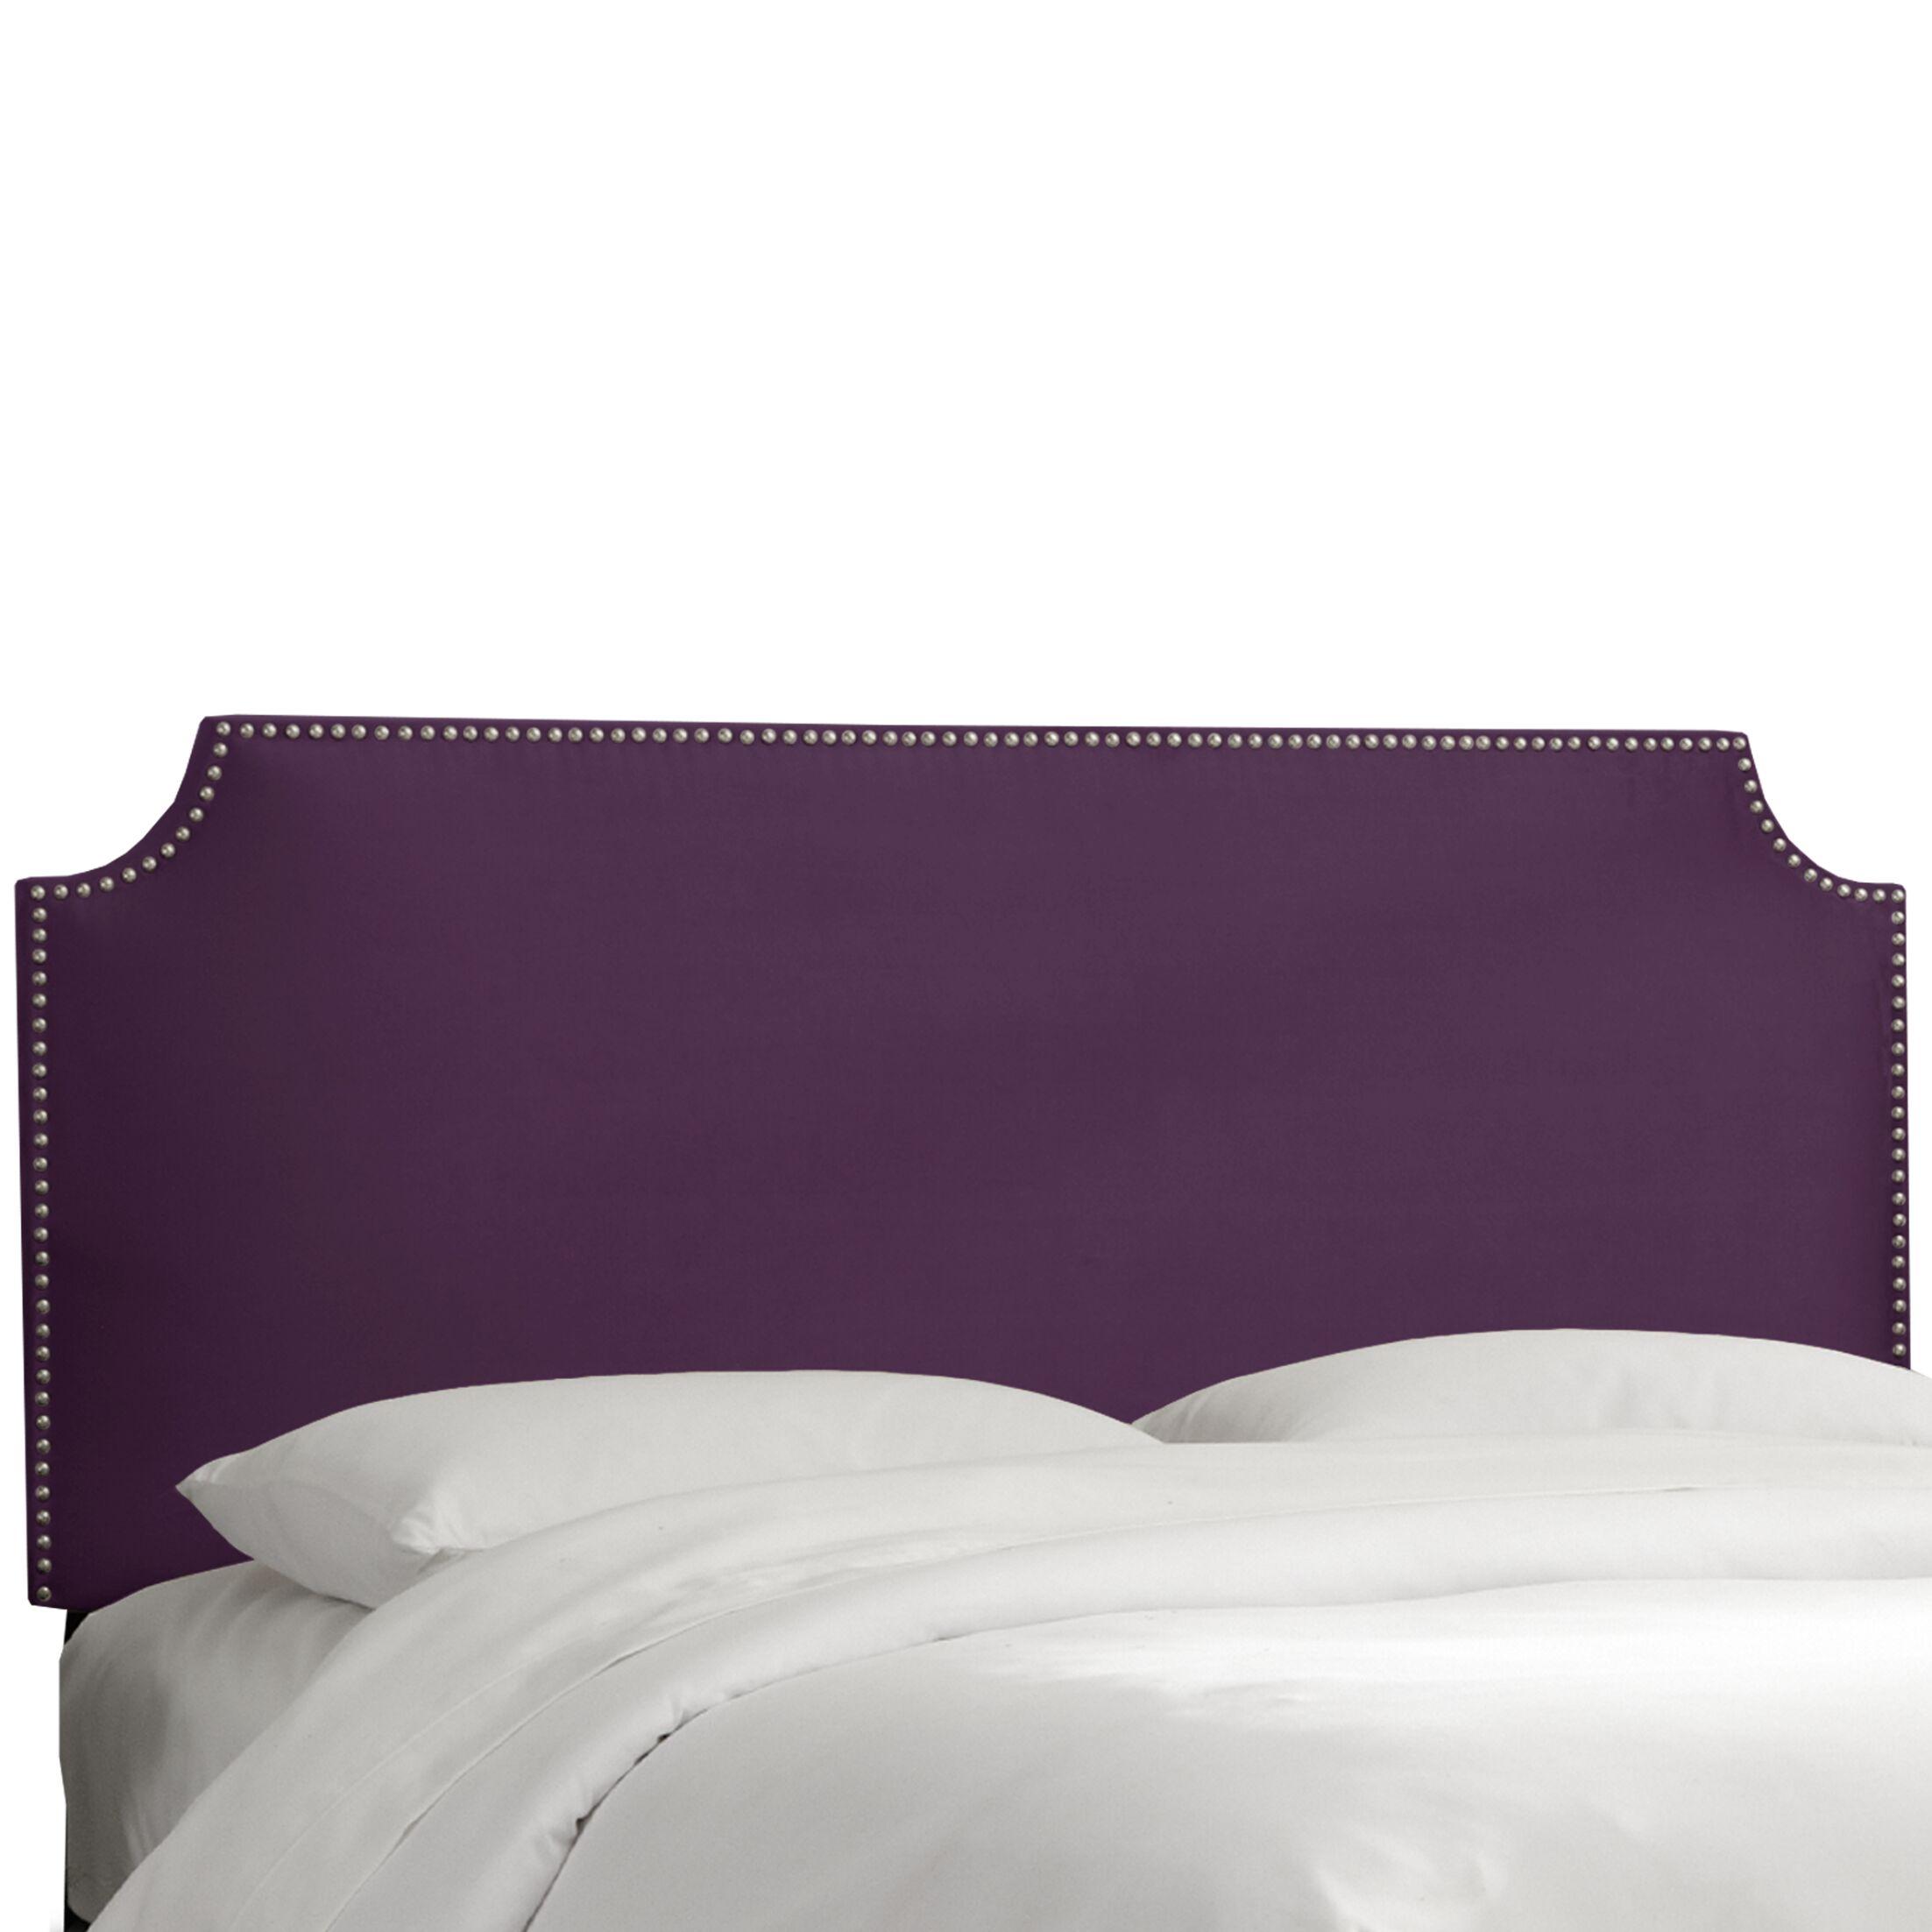 Alamak Velvet Notched Nail Button Upholstered Panel Headboard Size: California King, Upholstery: Velvet Aubergine